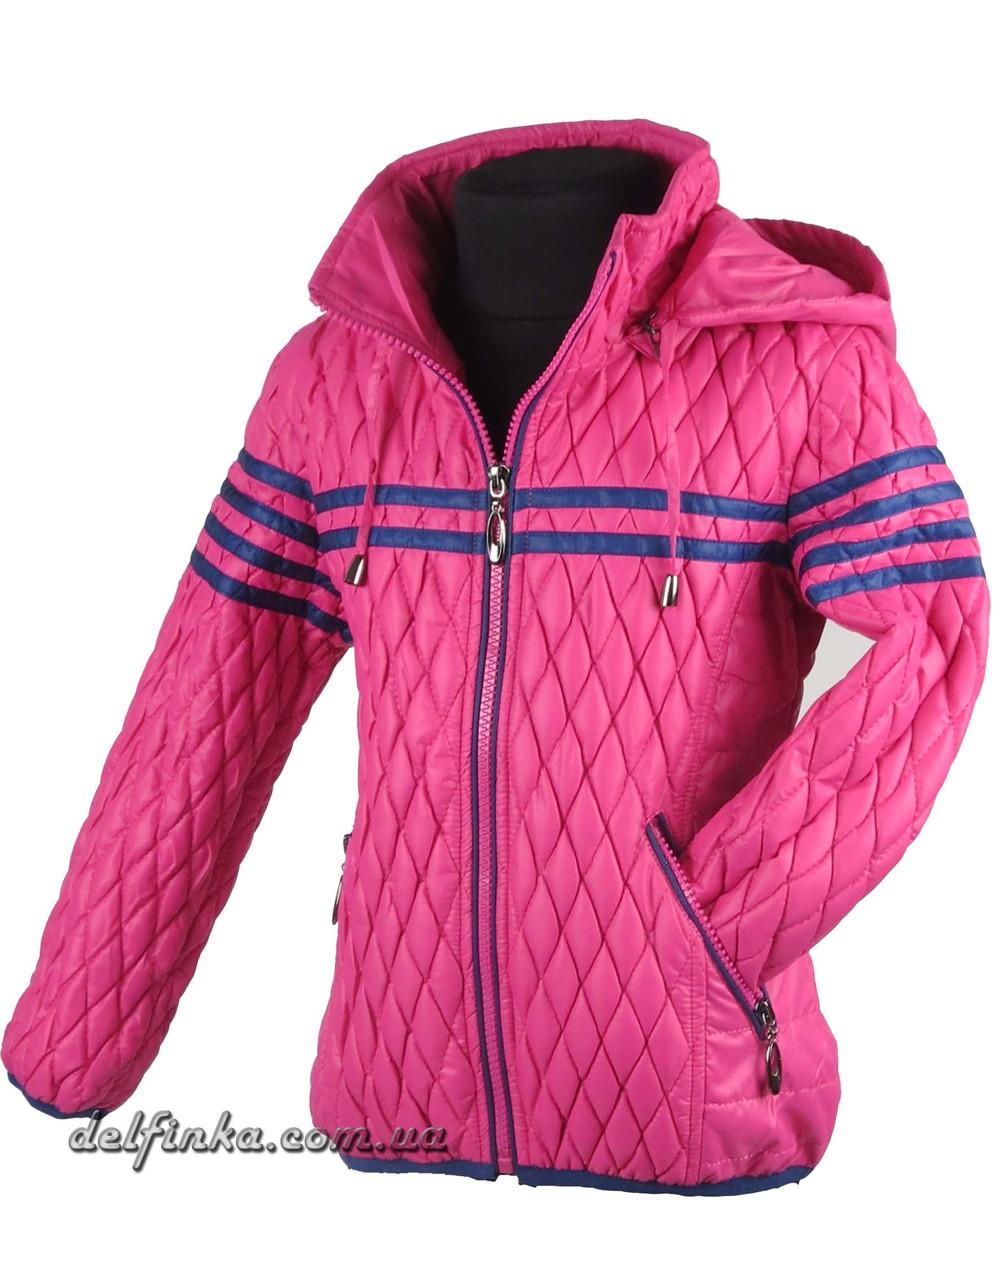 Куртка демисизонная весна-осень размеры 110-140 ( 5-10 лет) цвет малинавый, фото 2